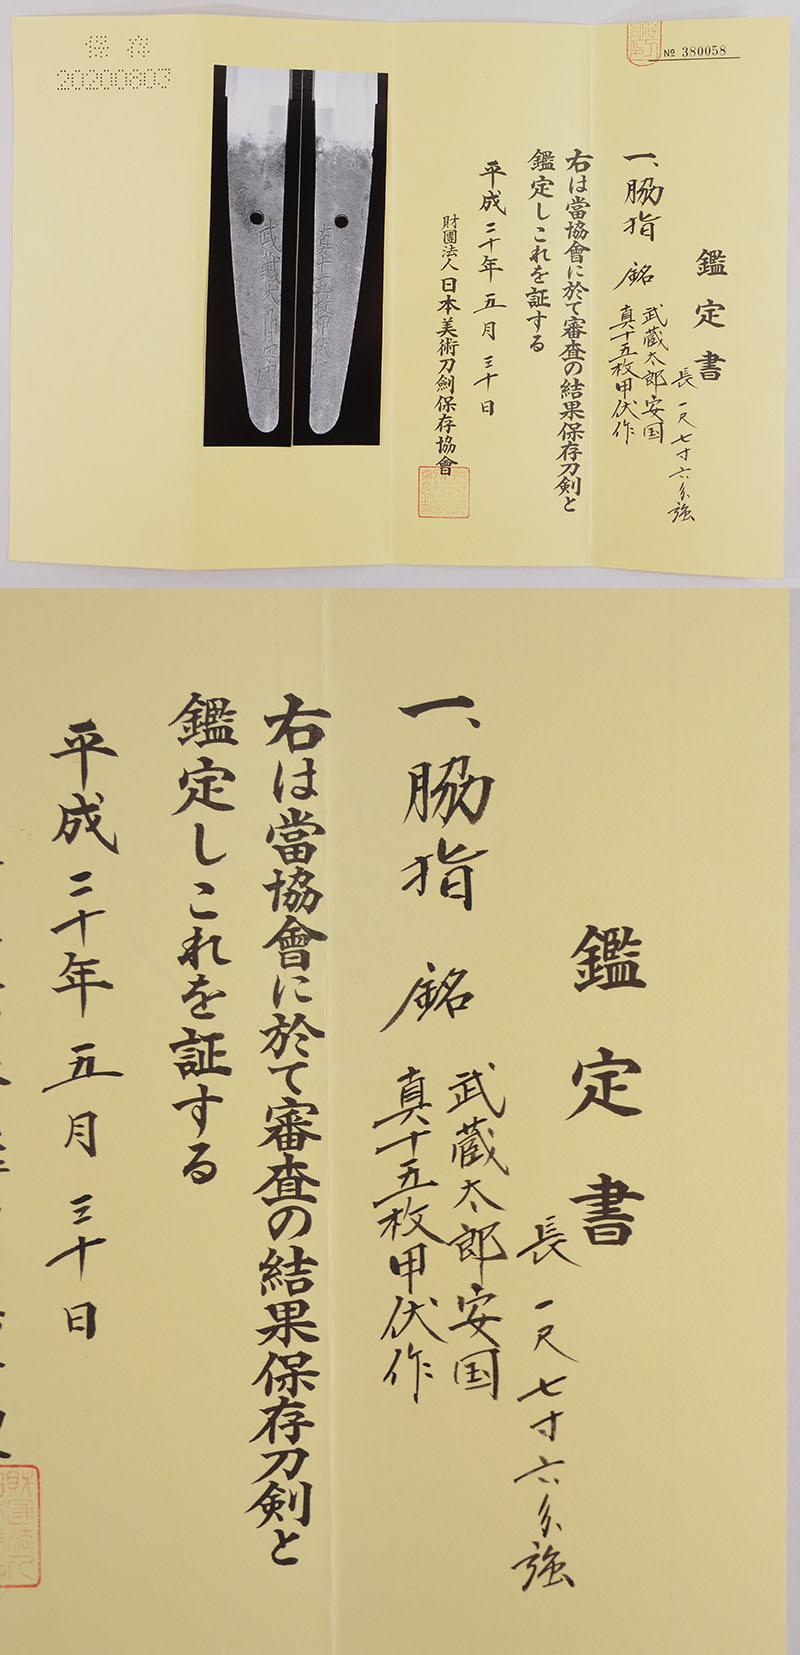 脇差 武蔵太郎安国 (新刀上作)   真十五枚甲伏作 Picture of Certificate